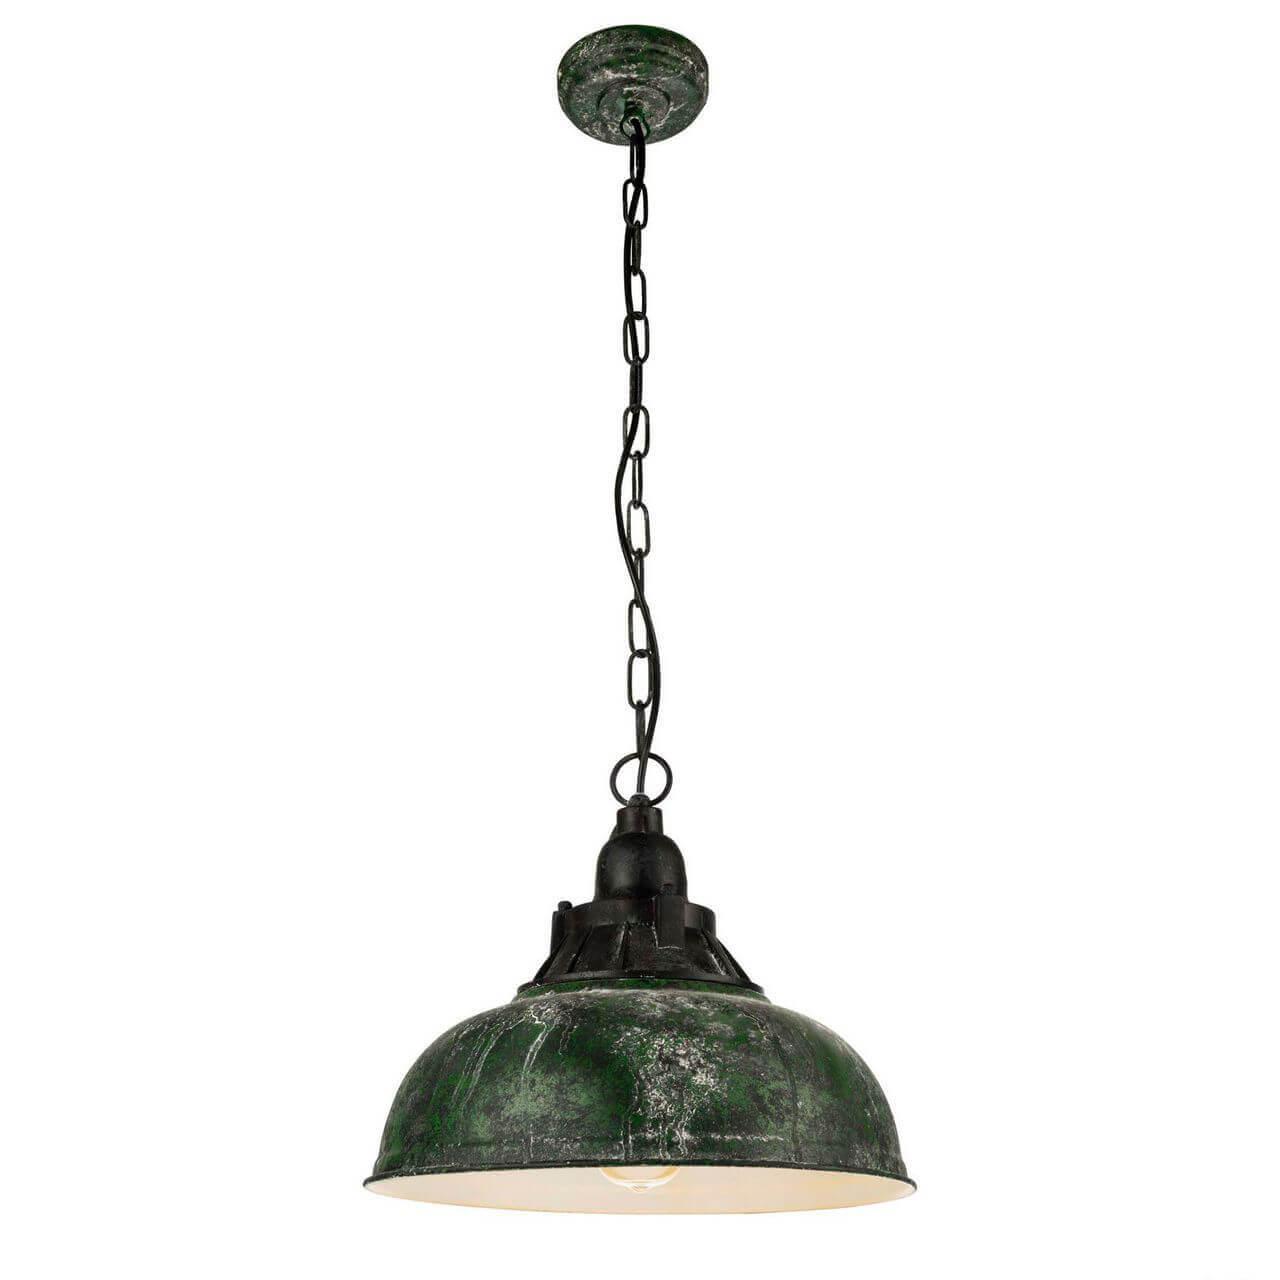 Подвесной светильник Eglo Grantham 1 49735 подвесной светильник eglo 49735